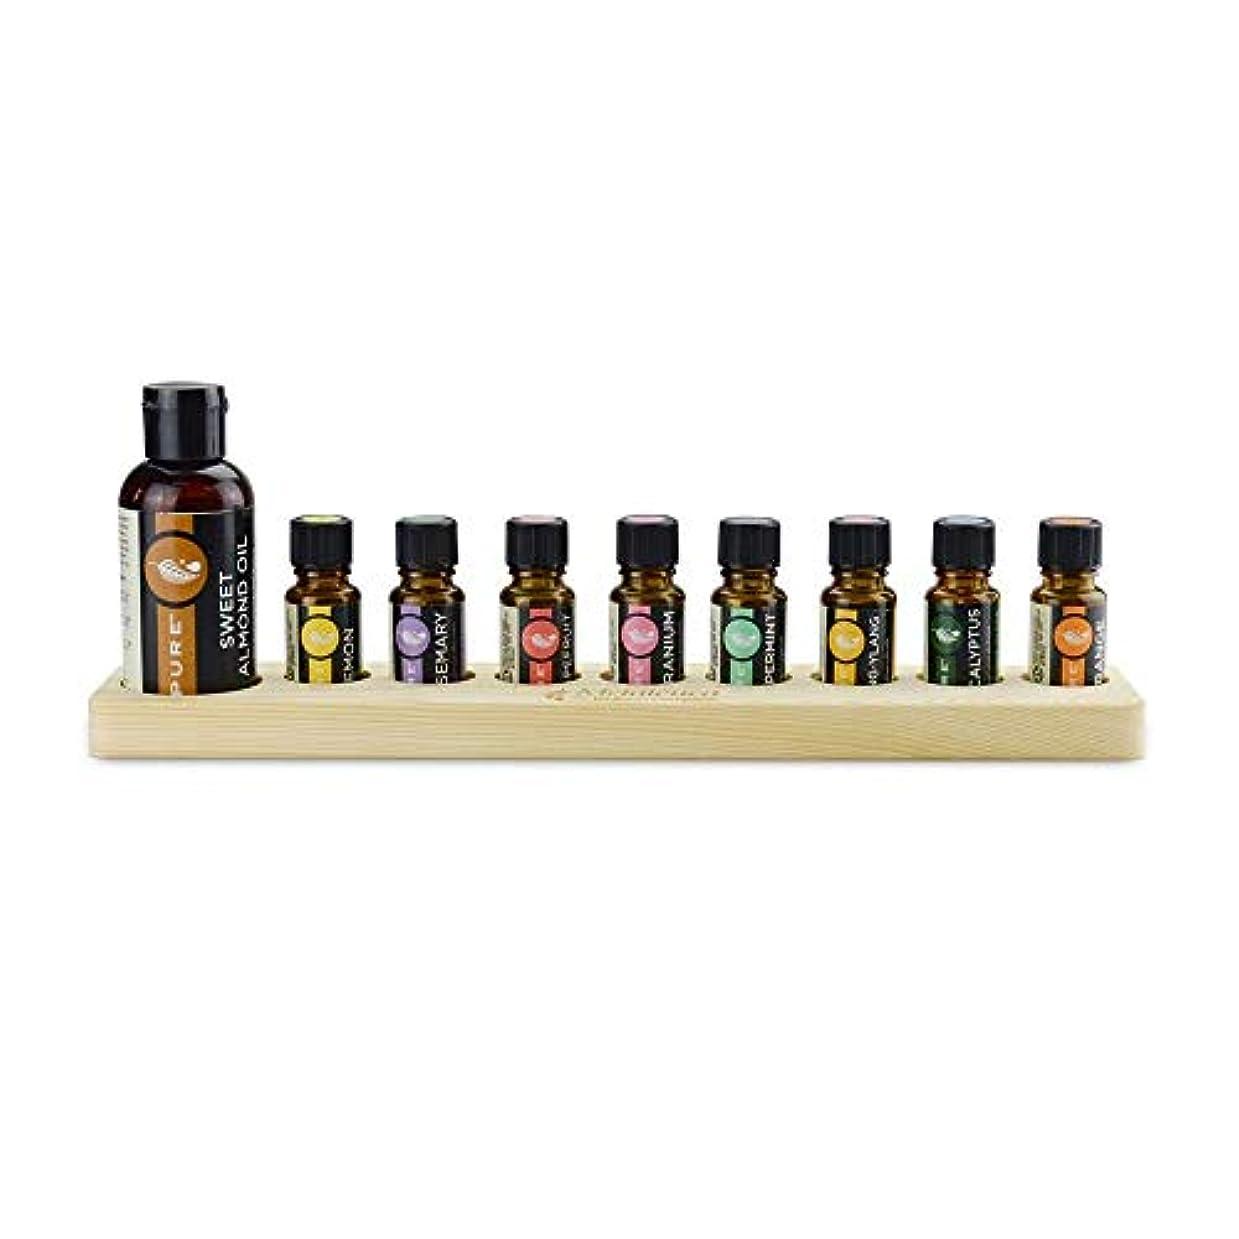 触手受付スリラーエッセンシャルオイルの保管 9スロット木製エッセンシャルオイルストレージホルダーは、9つの15ミリリットル油のボトルを保持します (色 : Natural, サイズ : Free size)